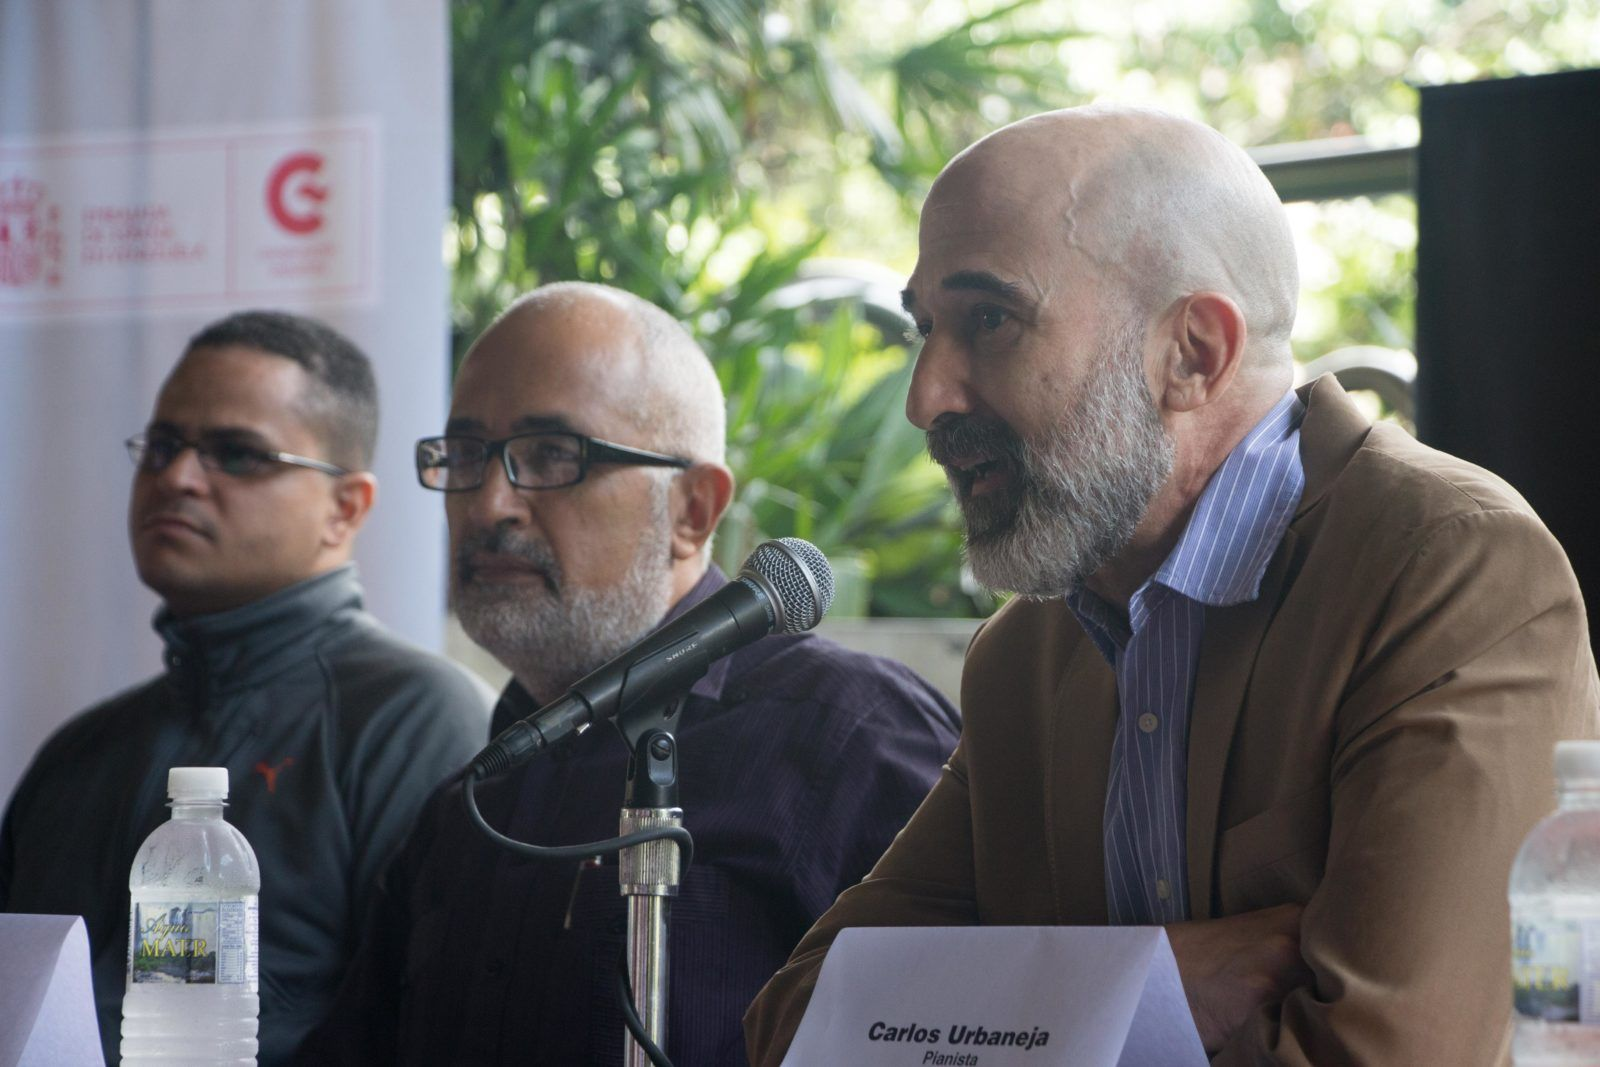 Carlos Urbaneja (pianista), Pedro González (Director de la OSV) y Gustavo Arreaza (Presidente de la Fundación Teatro Teresa Carreño)